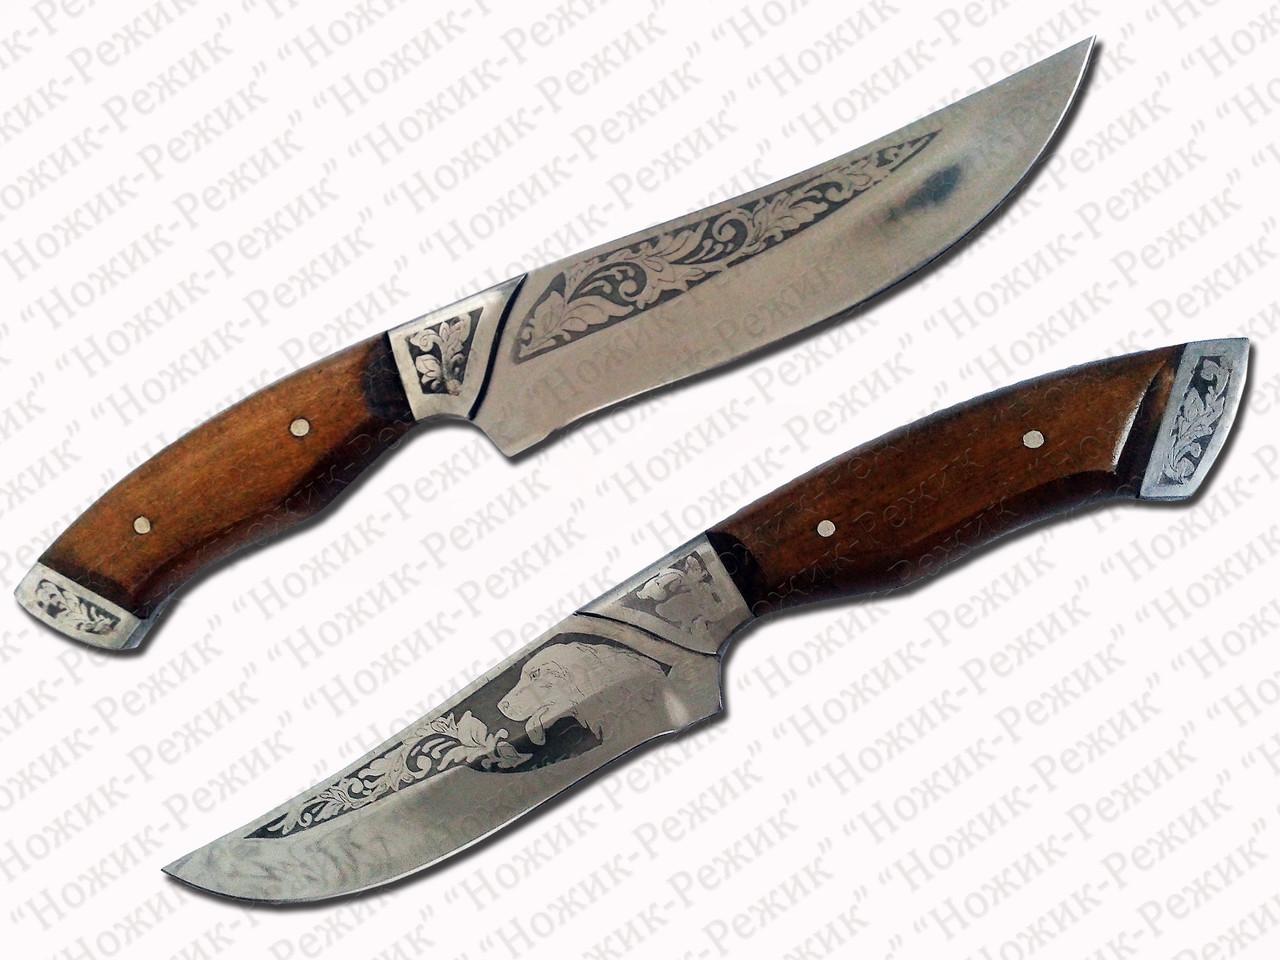 Нож для охотника, нож для рыбака, нож для туриста, нож для рыбы, нож для мяса, ножи ручной работы